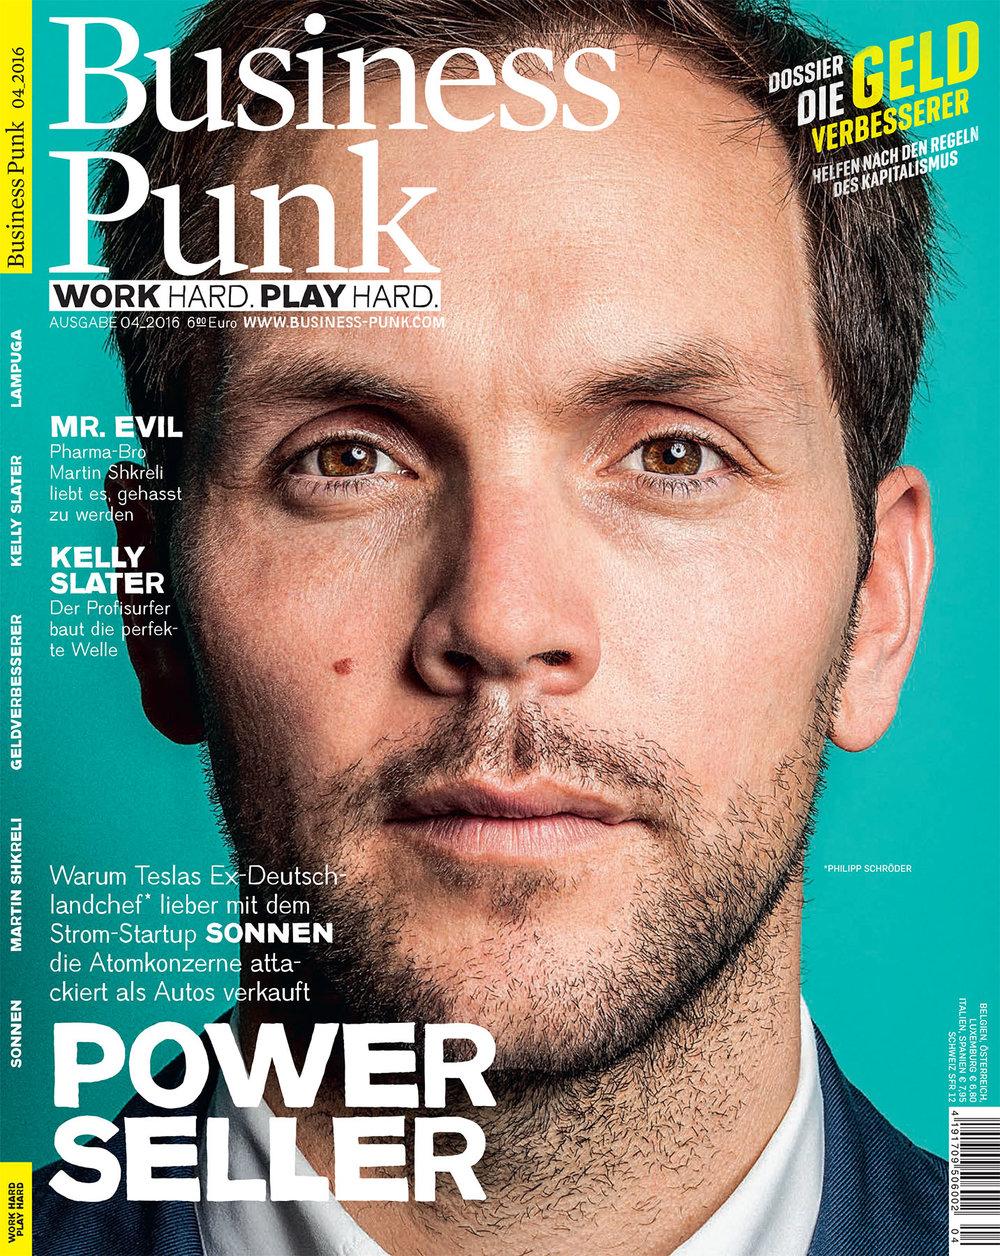 Philipp Schröder Sonnen gmbh, Business Punk